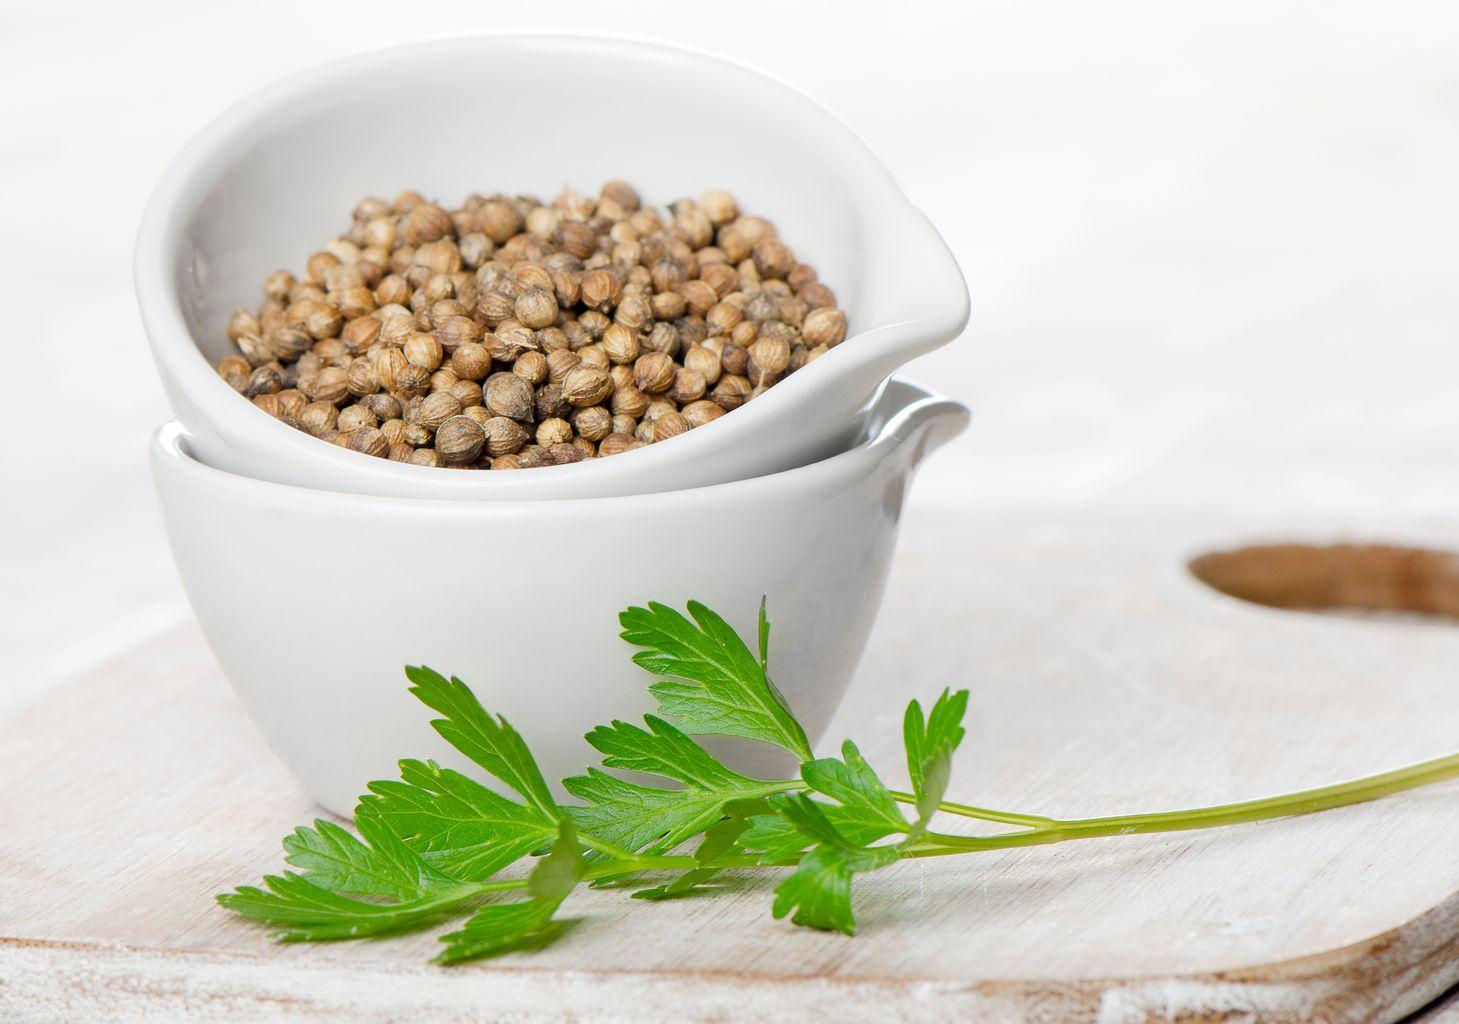 Для приготовления лекарственного настоя или отвара из плодов кориандра, их измельчают в ступе